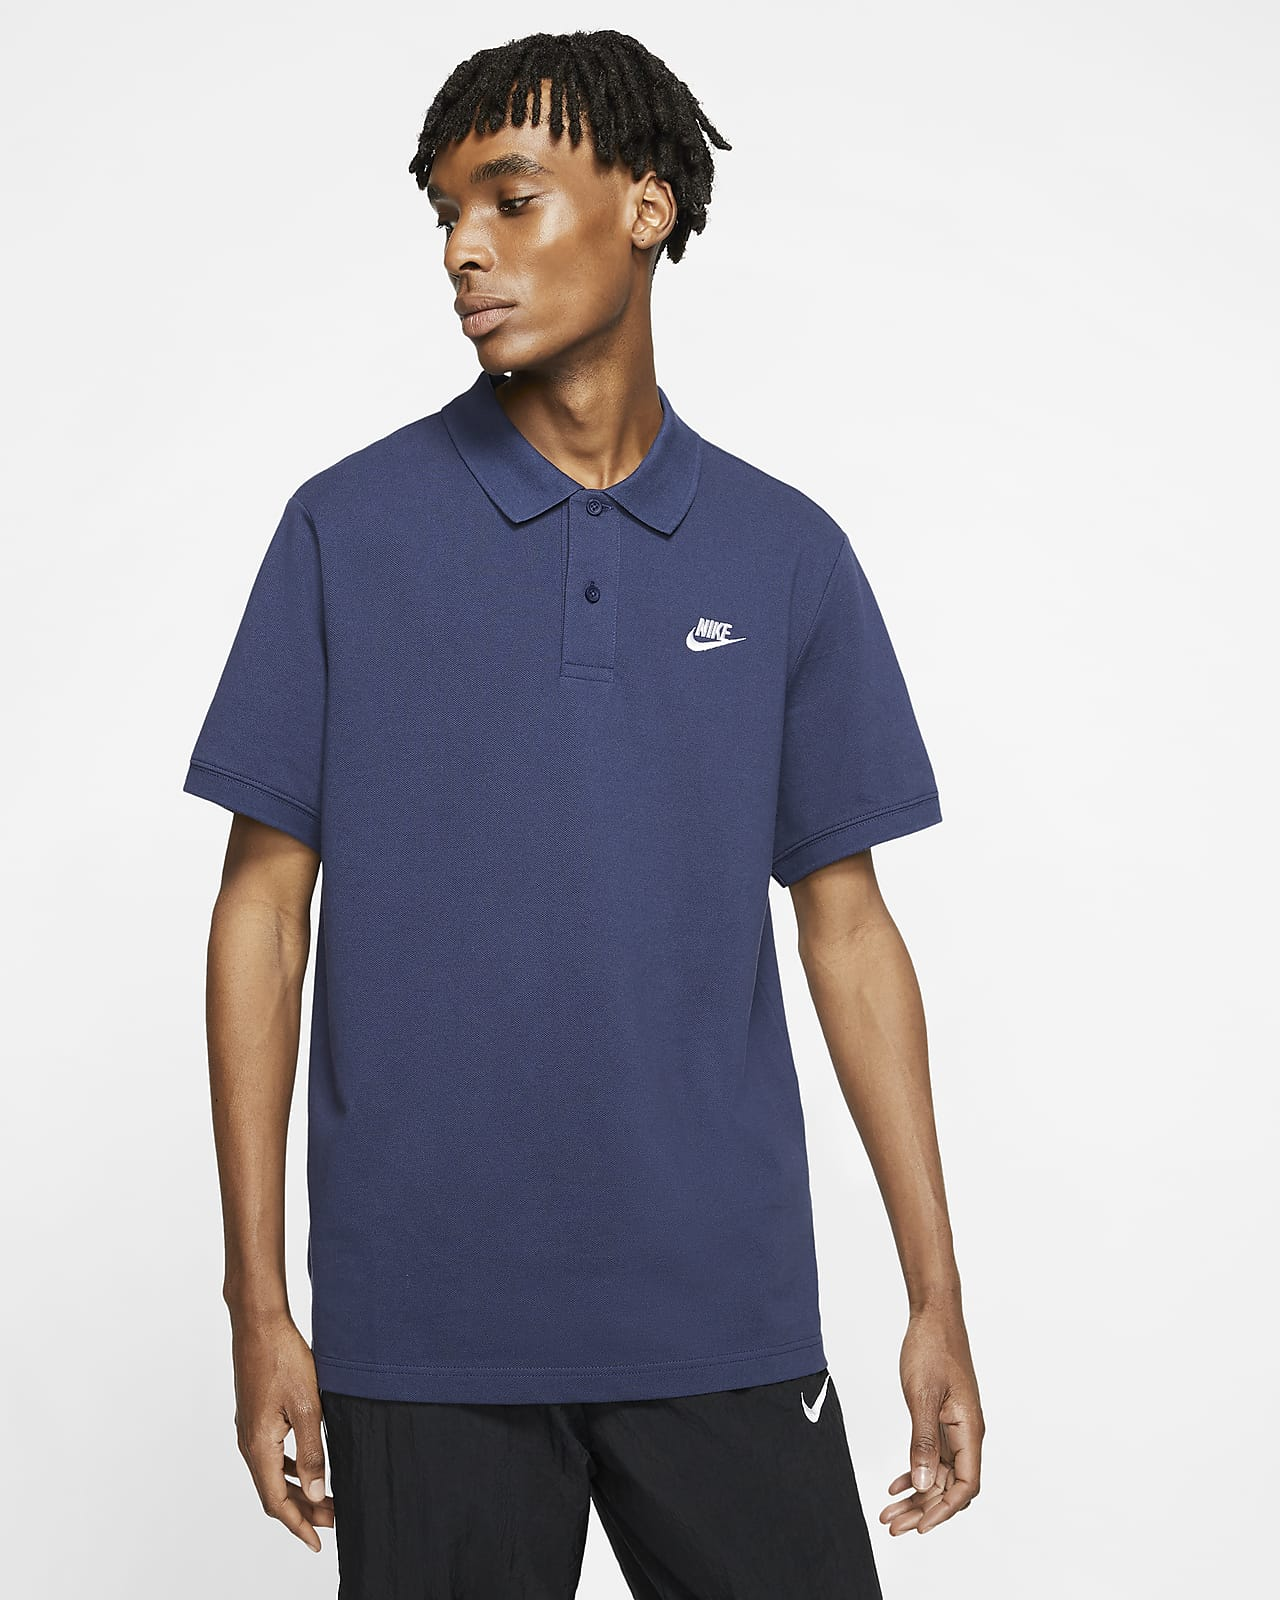 Nike Sportswear Men's Polo